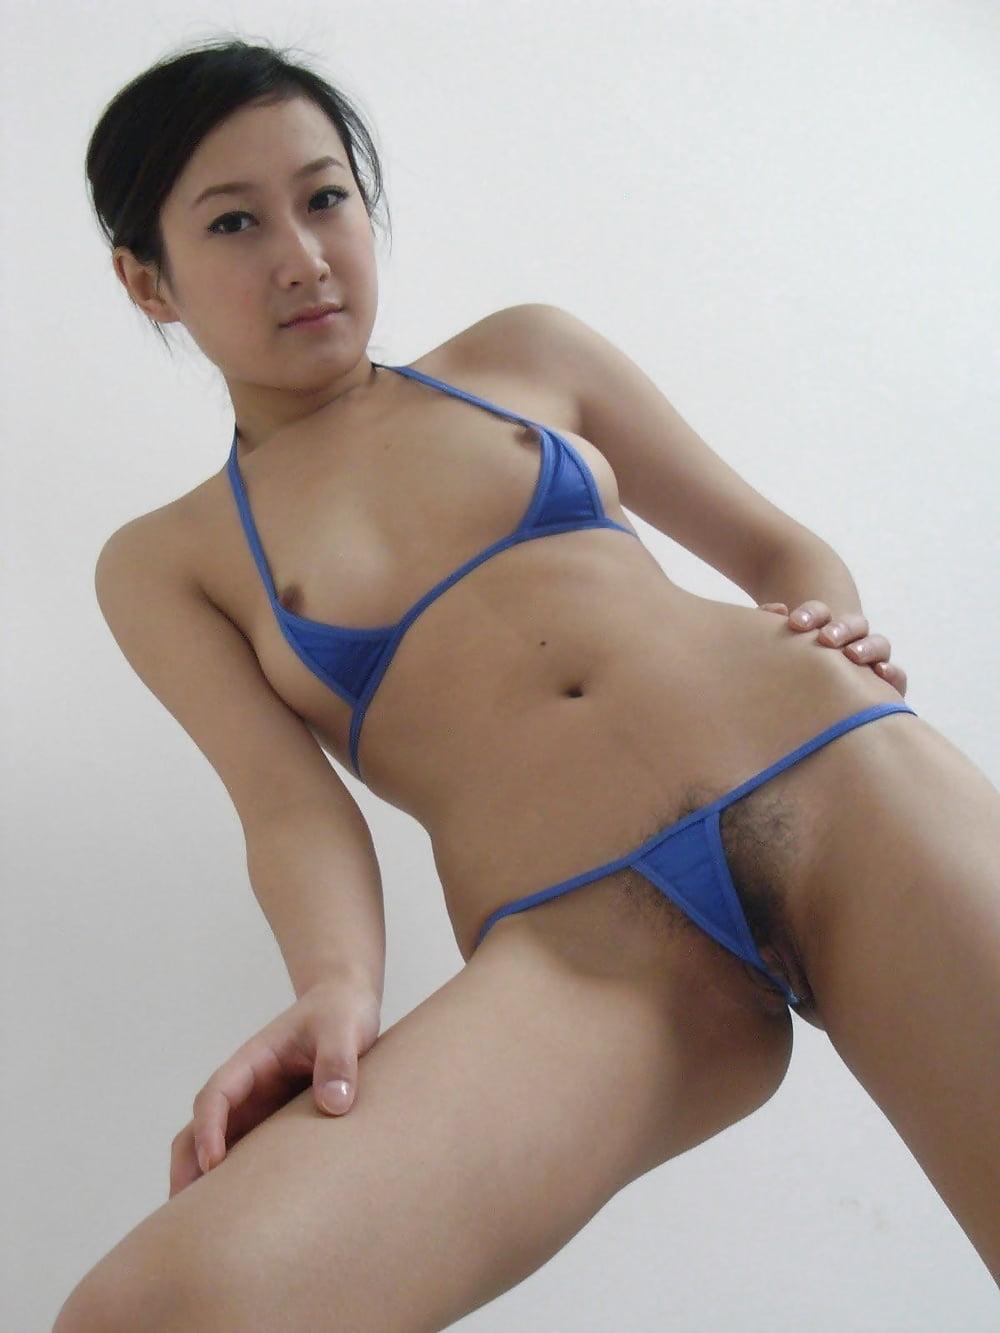 Micro bikini asian girls